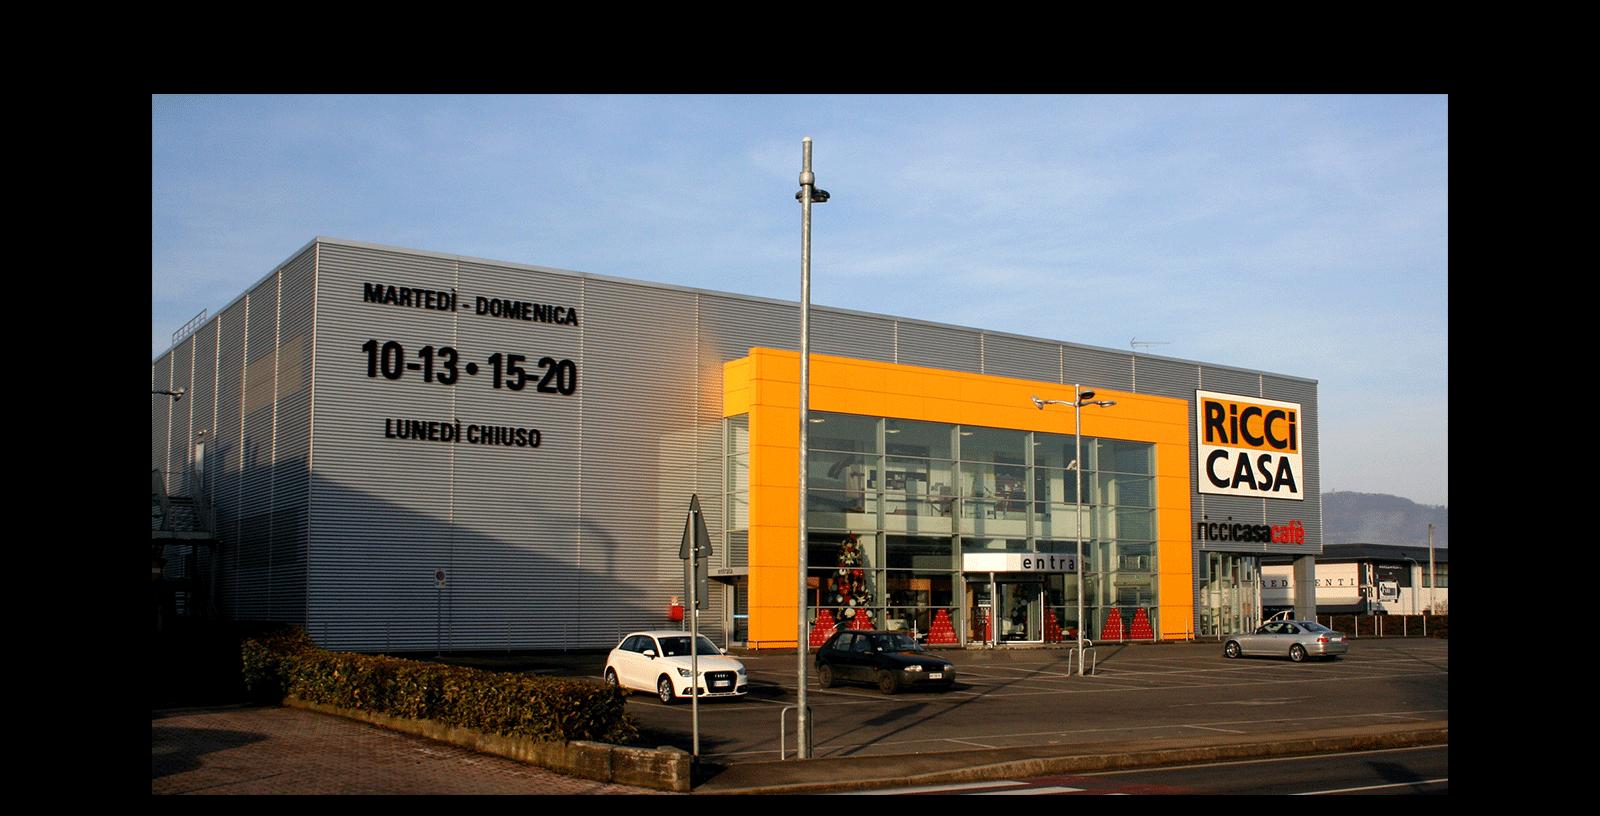 Una nuova costruzione commerciale e negozio new commercial building and store 2006 - Ricci casa ciano d enza ...